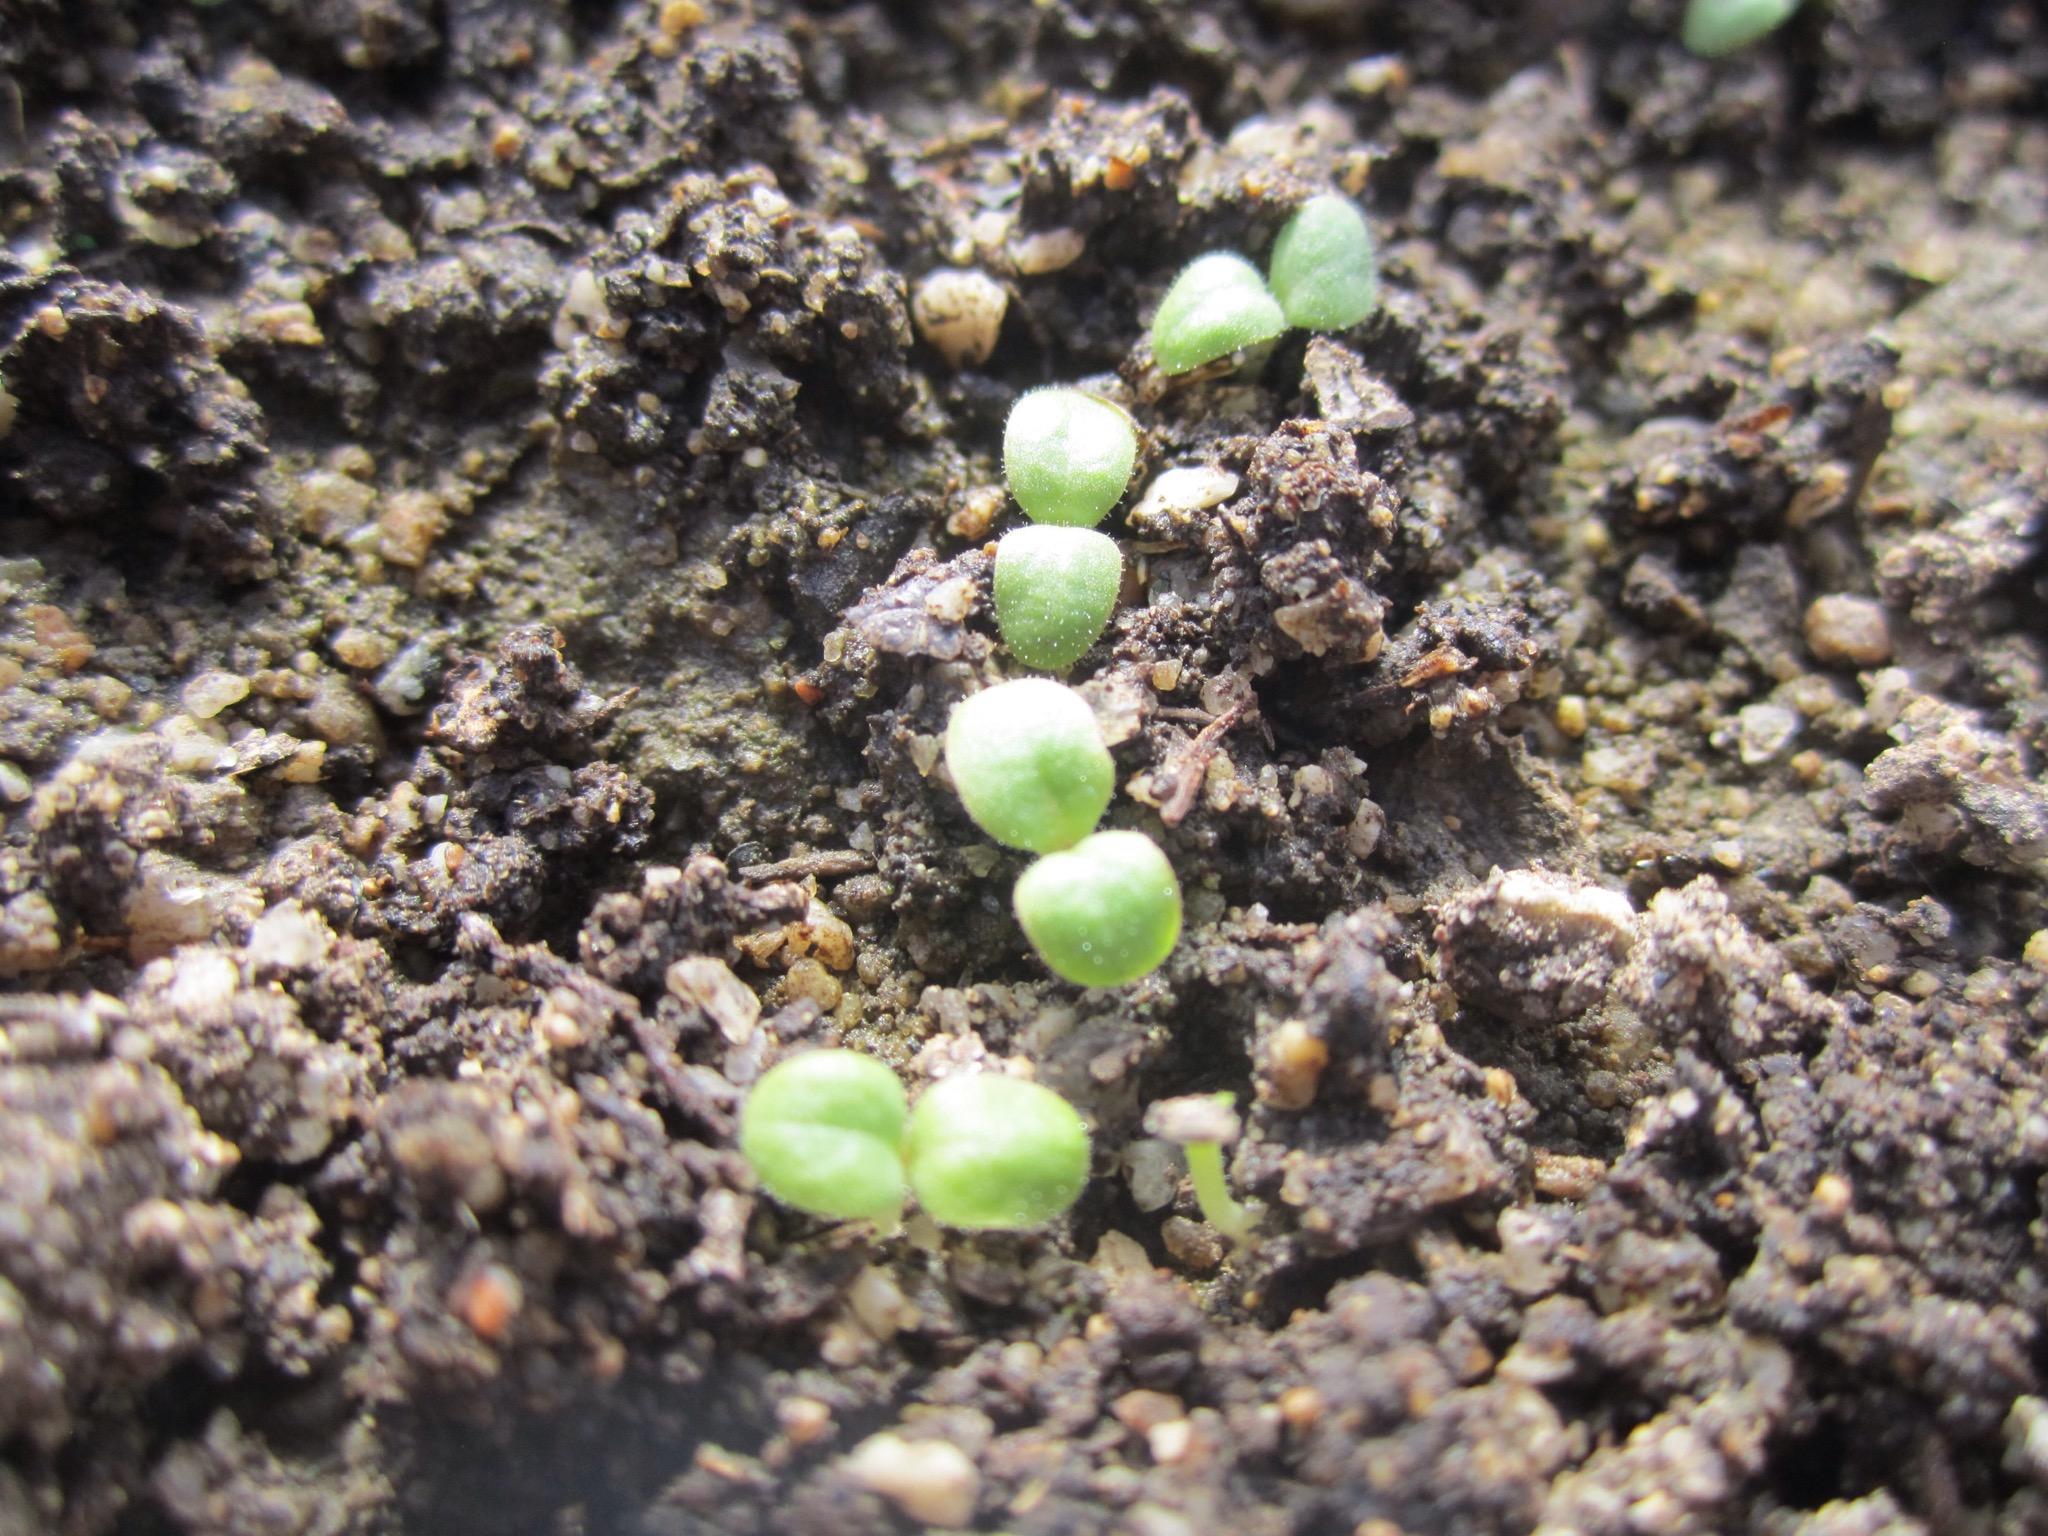 lettuce sprouts / germinados de lechuga